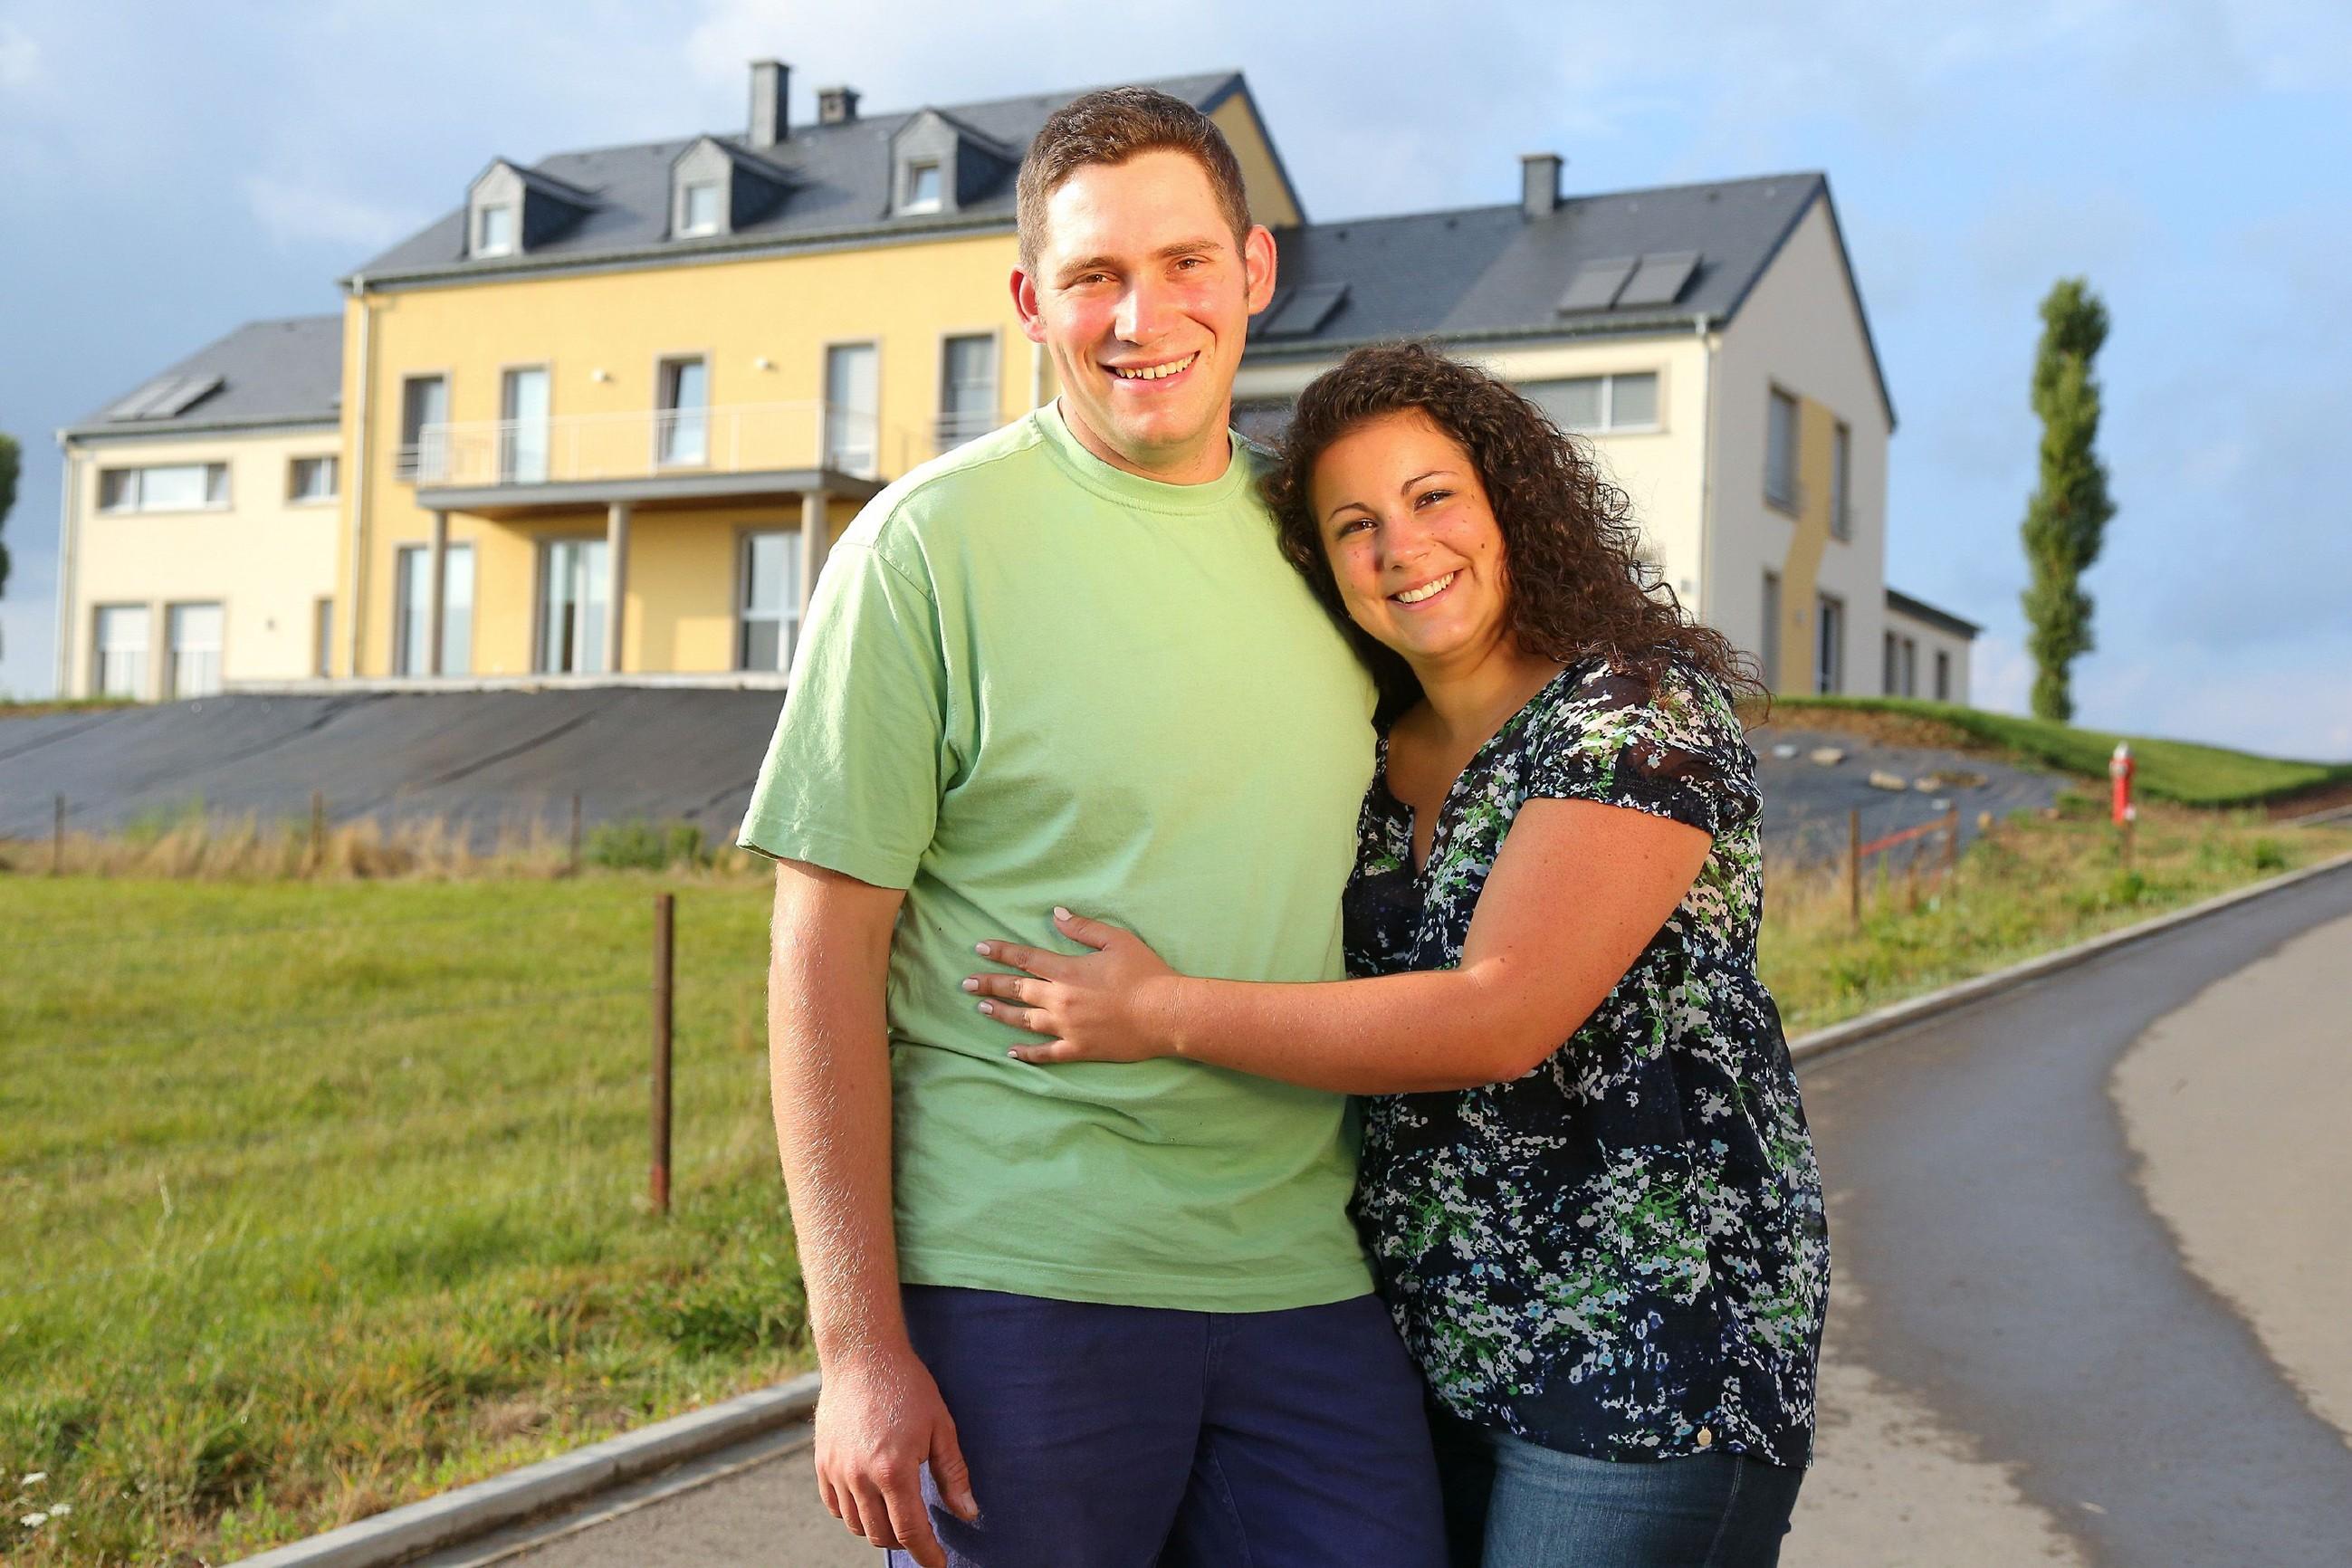 Das große Wiedersehen bei Bauer sucht Frau - Lena, Guy & Co.